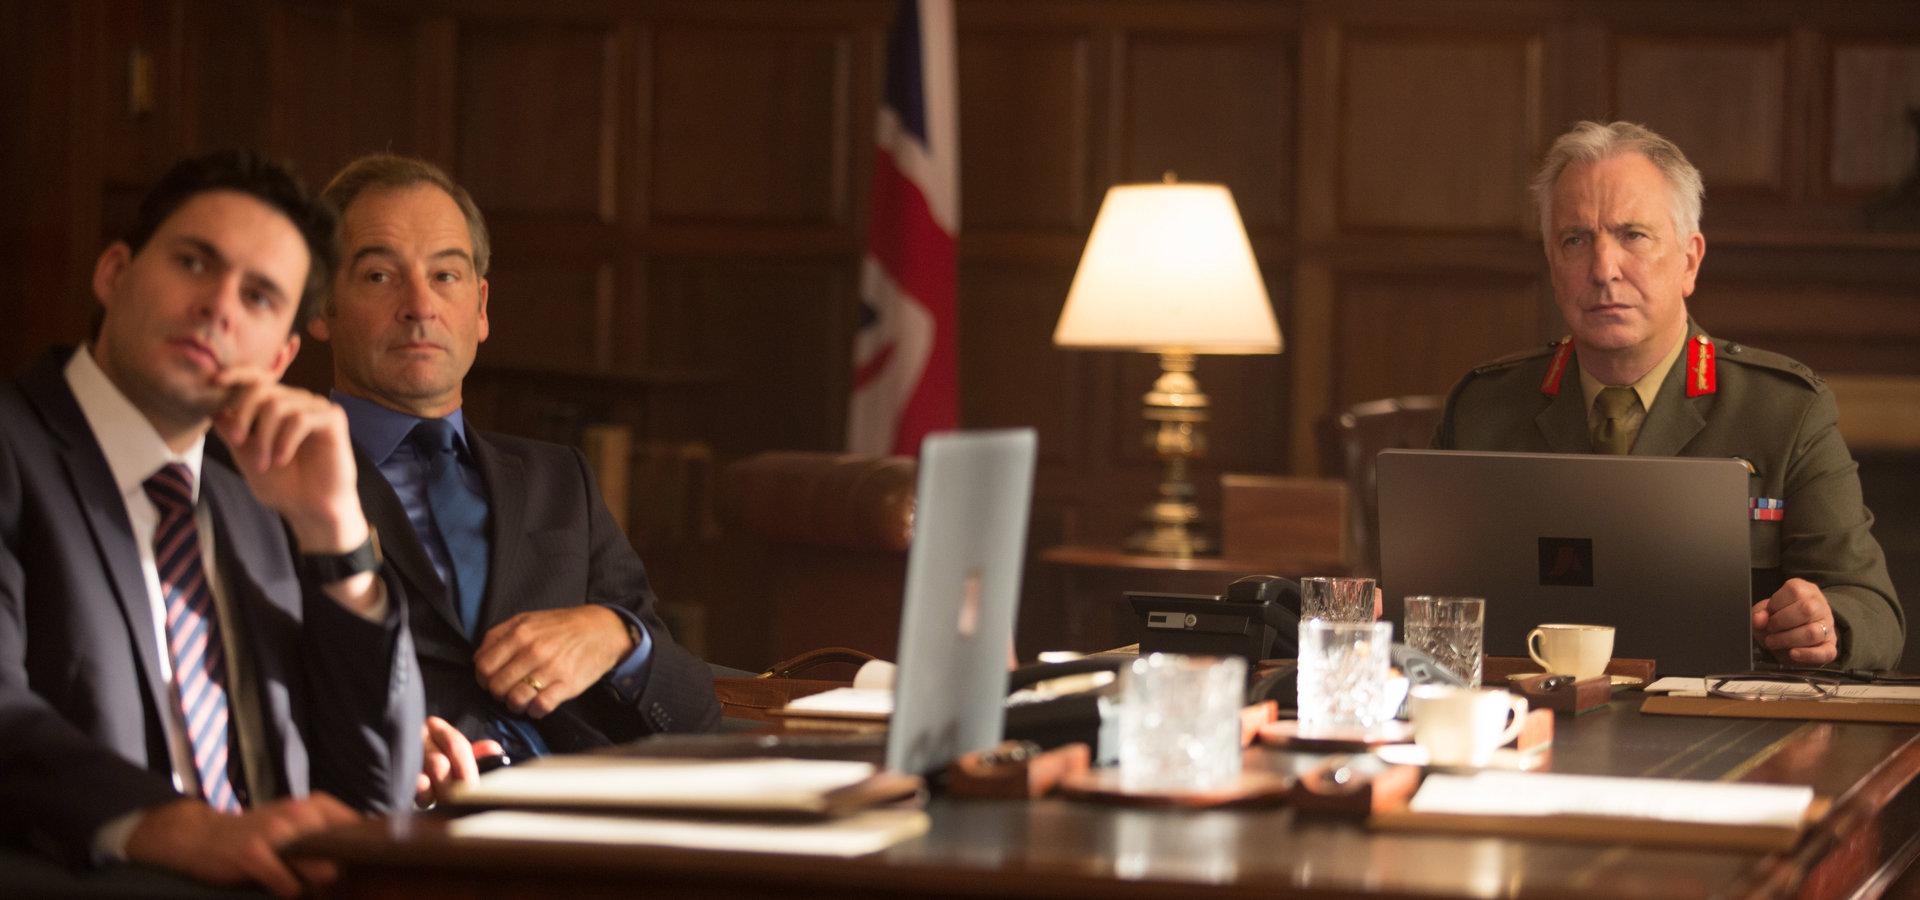 Alan Rickman po raz ostatni na ekranie. Porywające widowiska i najlepsze premiery w styczniu tylko w CANAL+